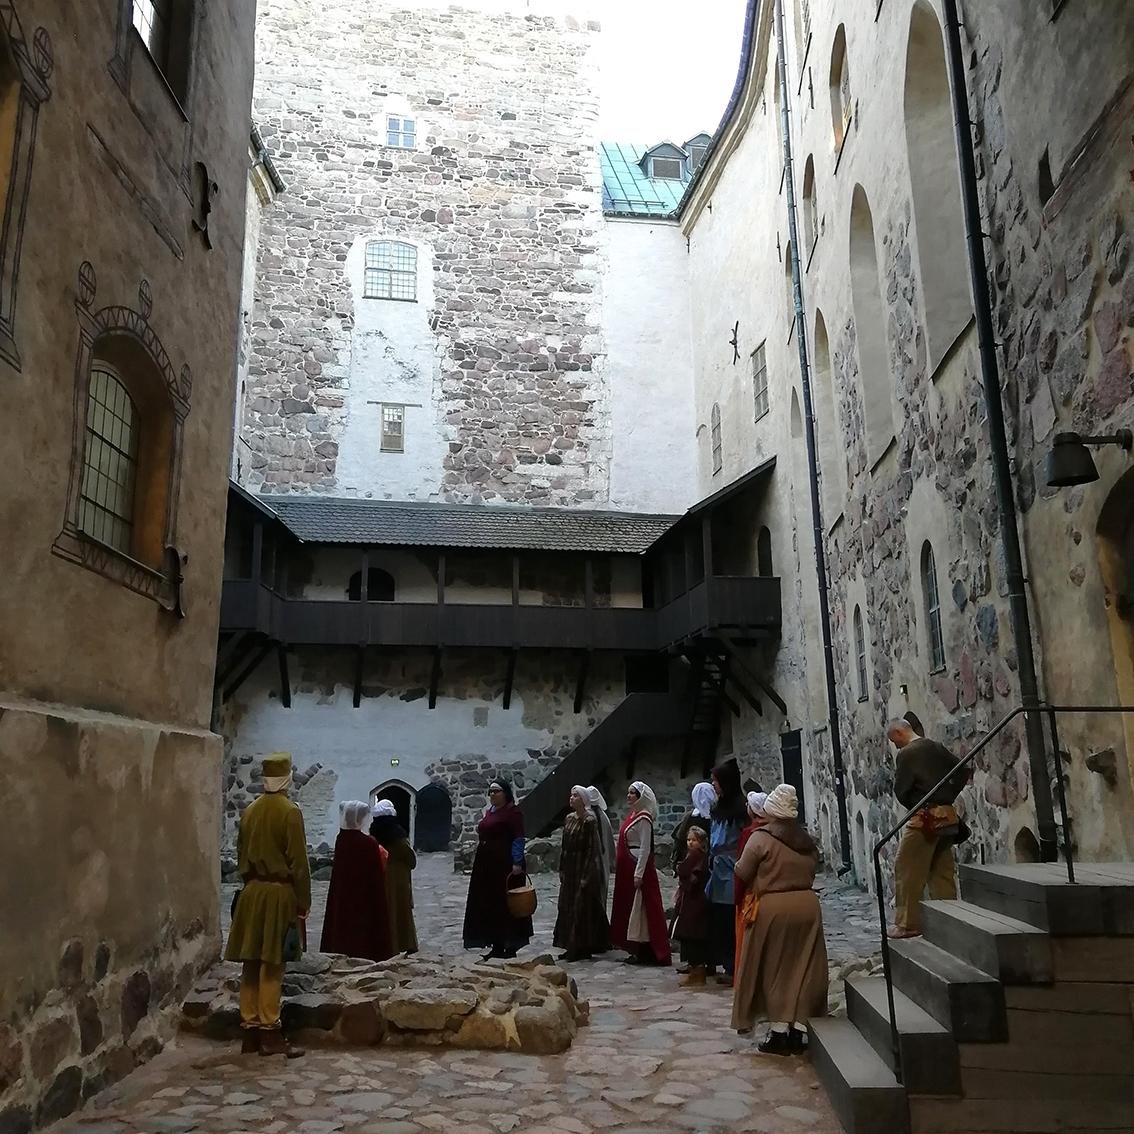 Ryhmä historiallisiin asuihin pukeutuneita harrastajia seisoo Turun linnan sisäpihalla